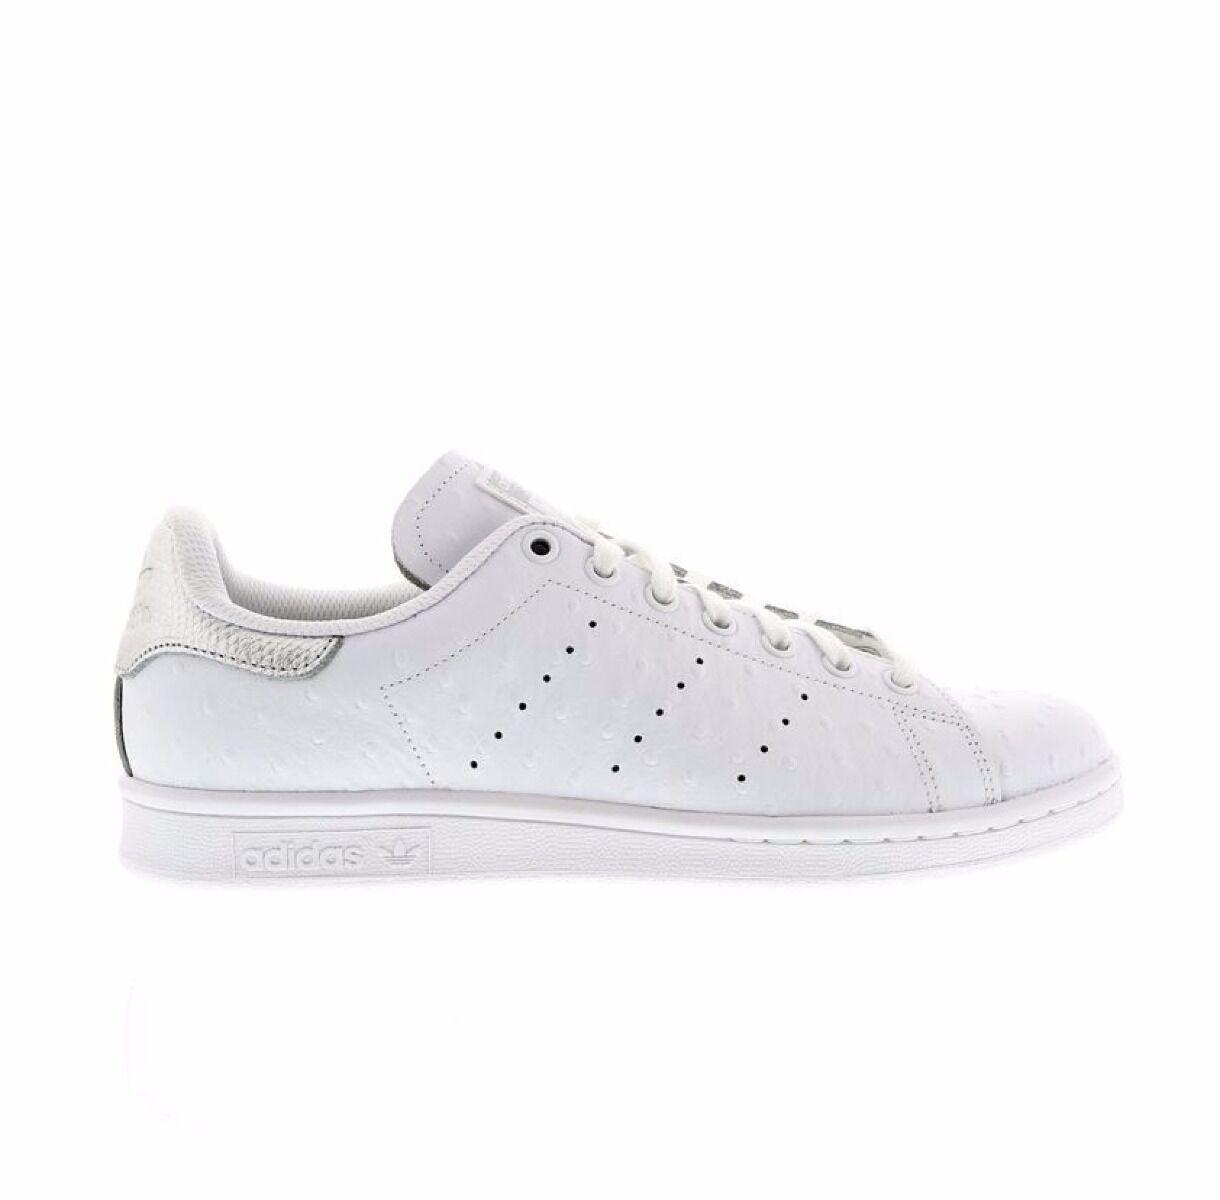 Adidas Stan Smith Hombres Zapatilla Zapato Tamaño 6.5 a 11.5 blancoo entrenador   -